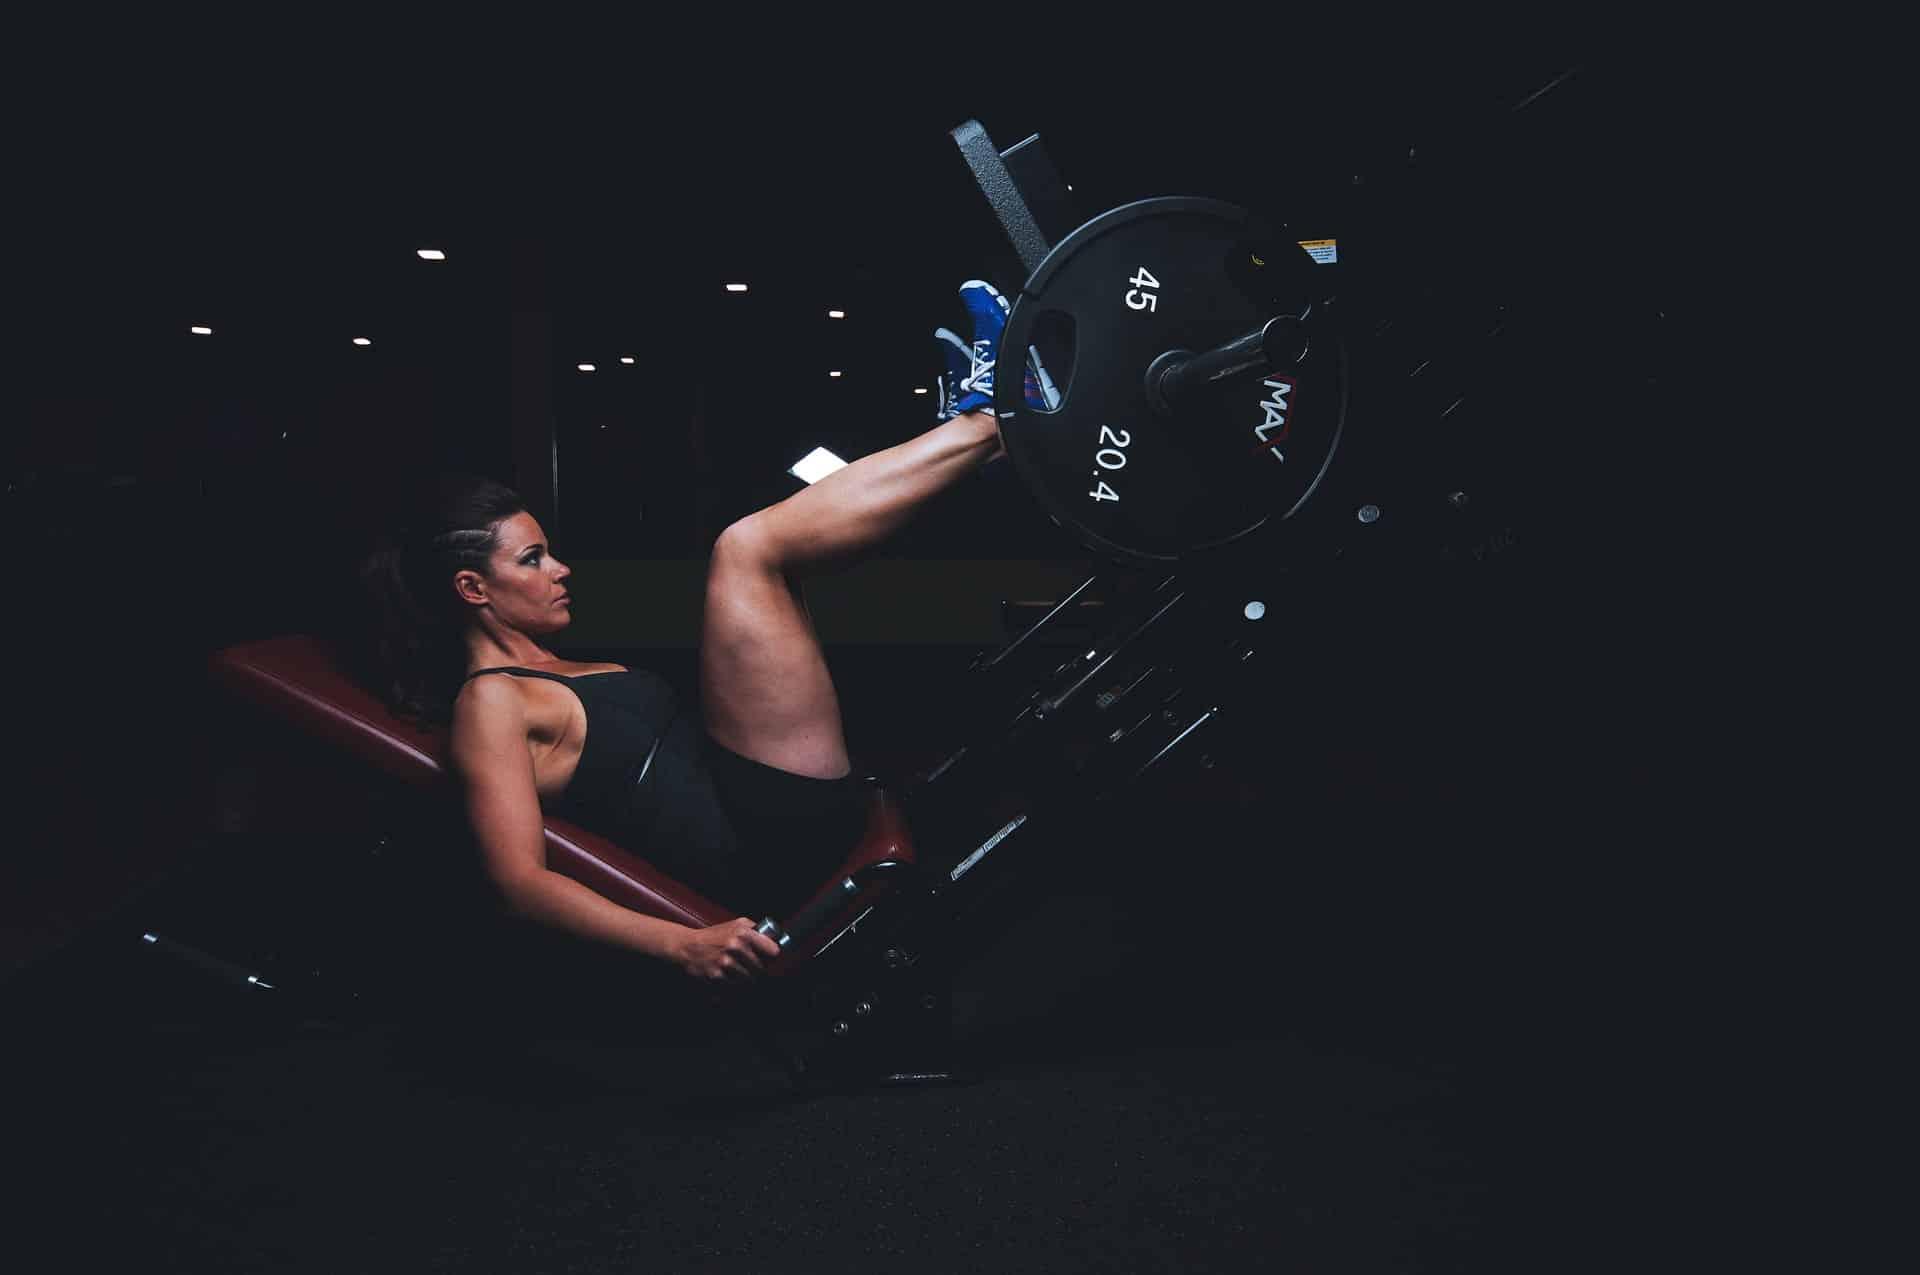 Imagem de mulher fazendo exercício para as pernas em aparelho de ginástica.